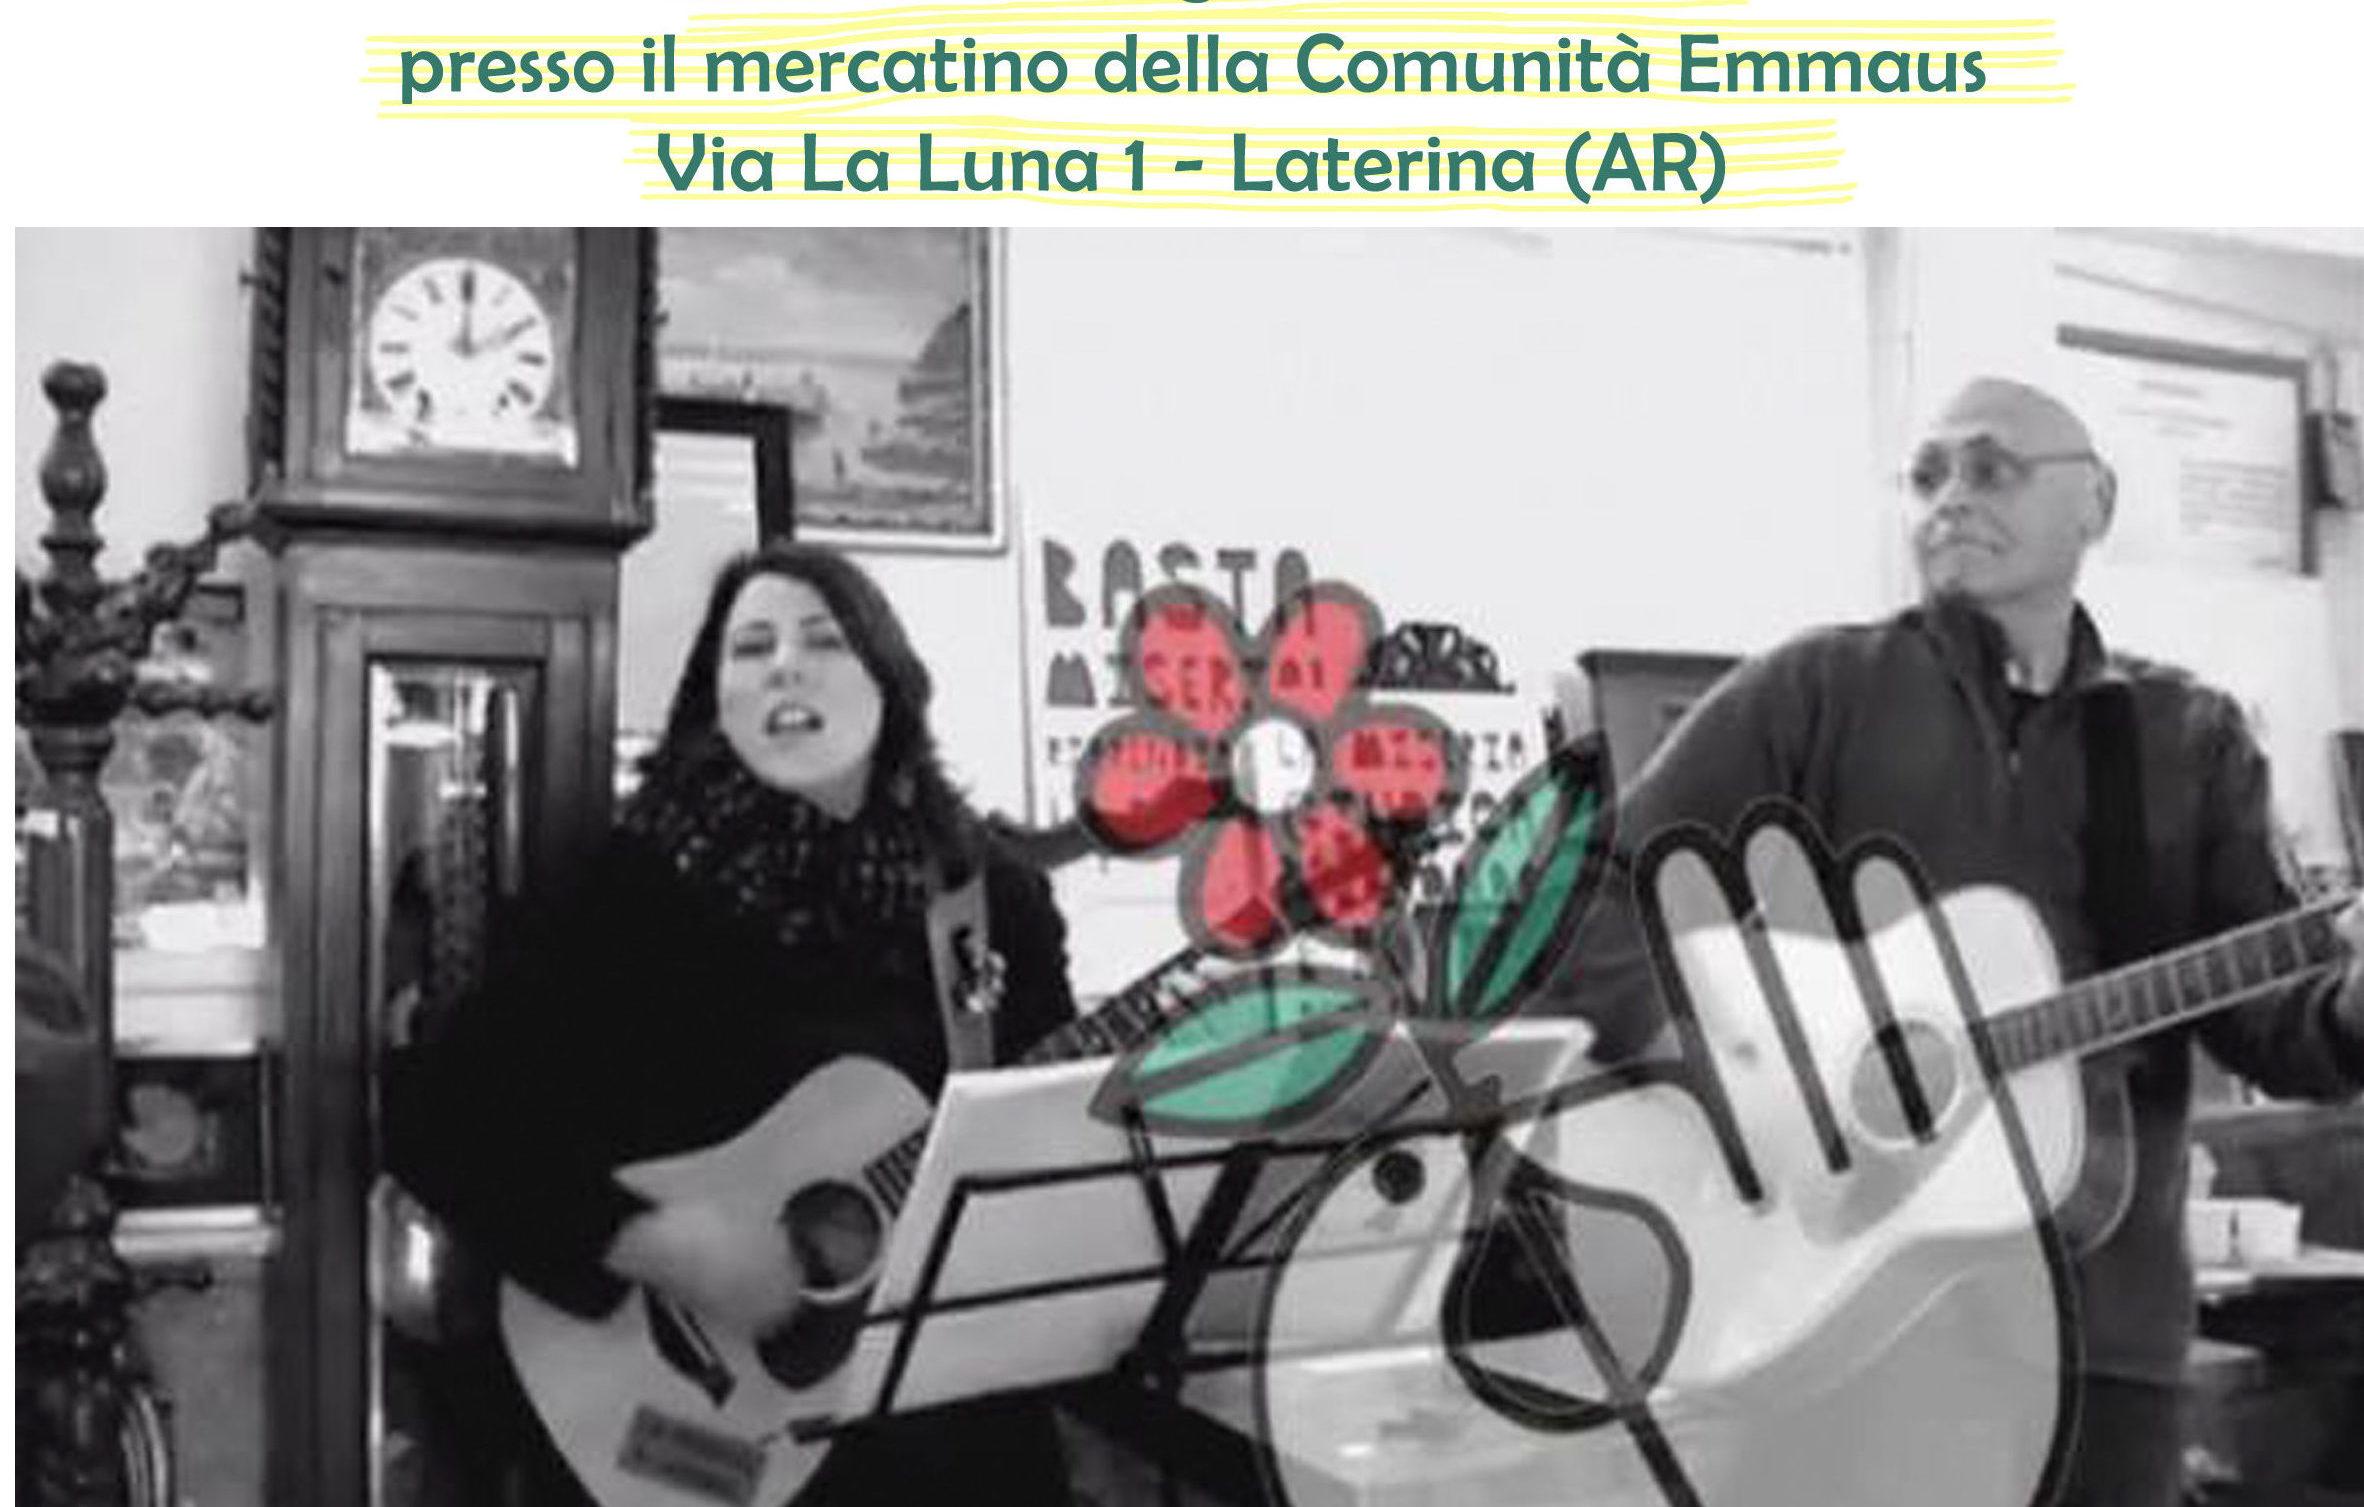 Giovedì 25 agosto Piergiorgio Faraglia & Alessandra Parisi in concerto